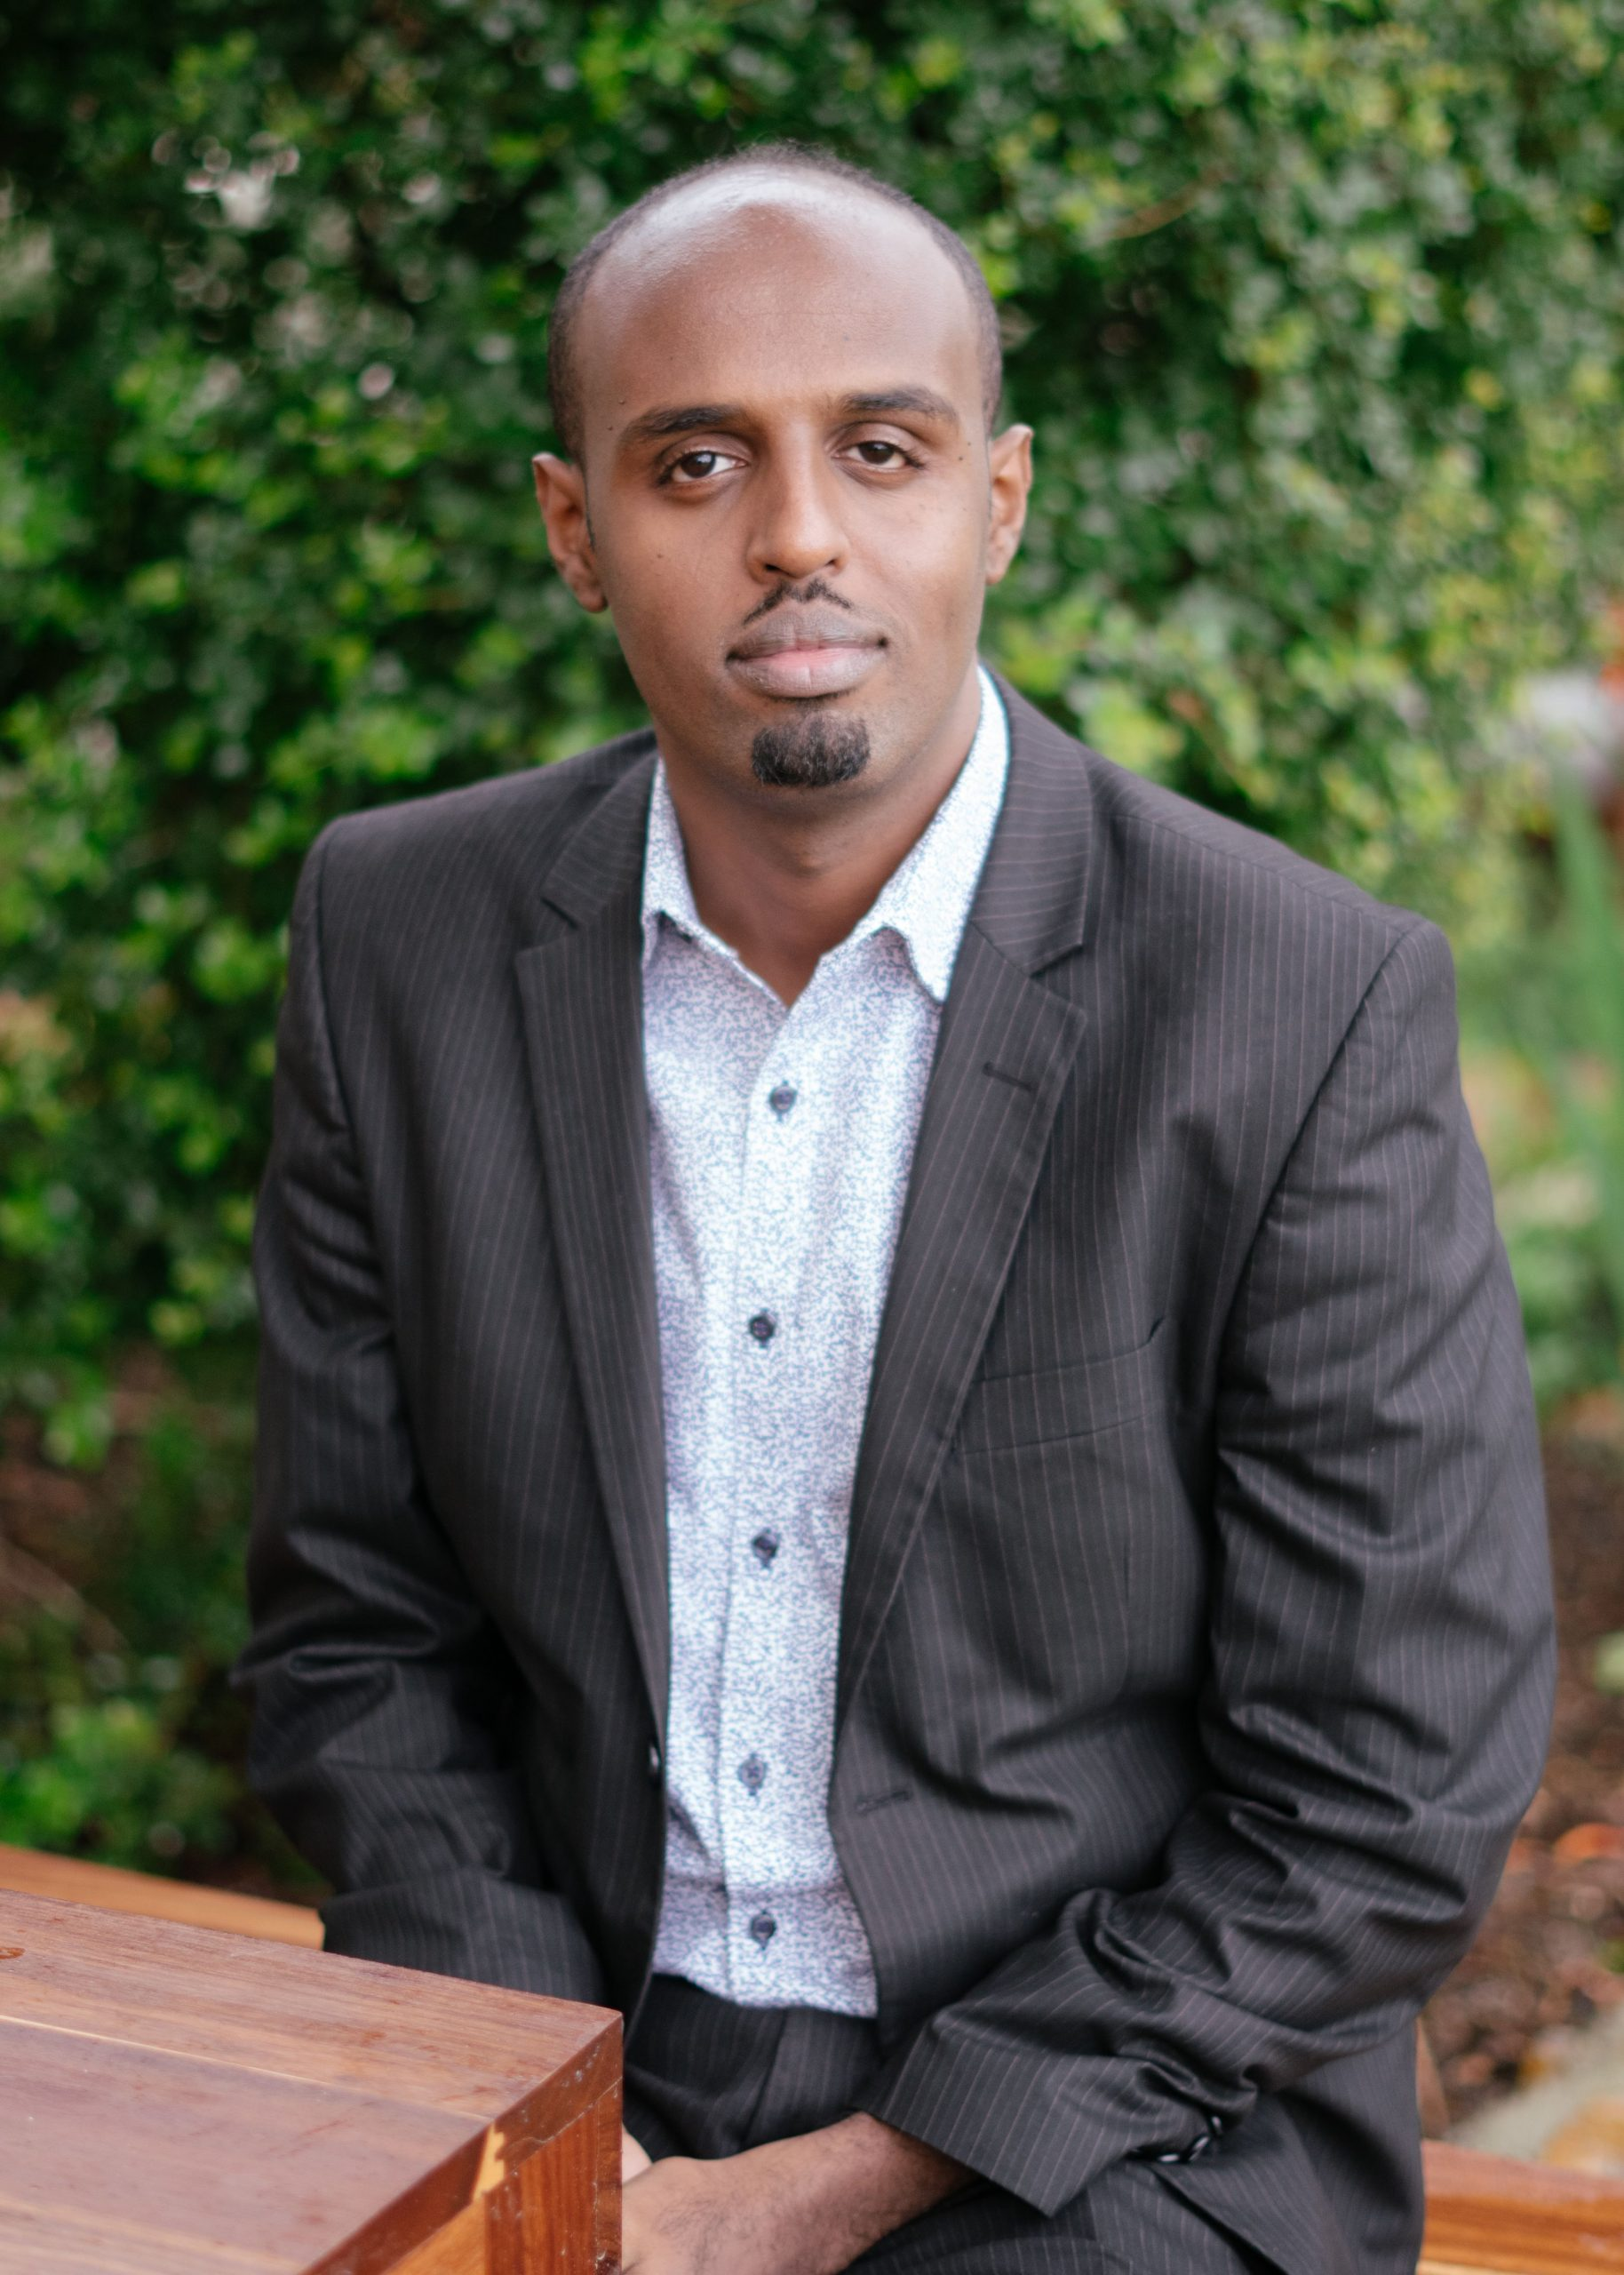 Founder at Human Rights Center Somaliland